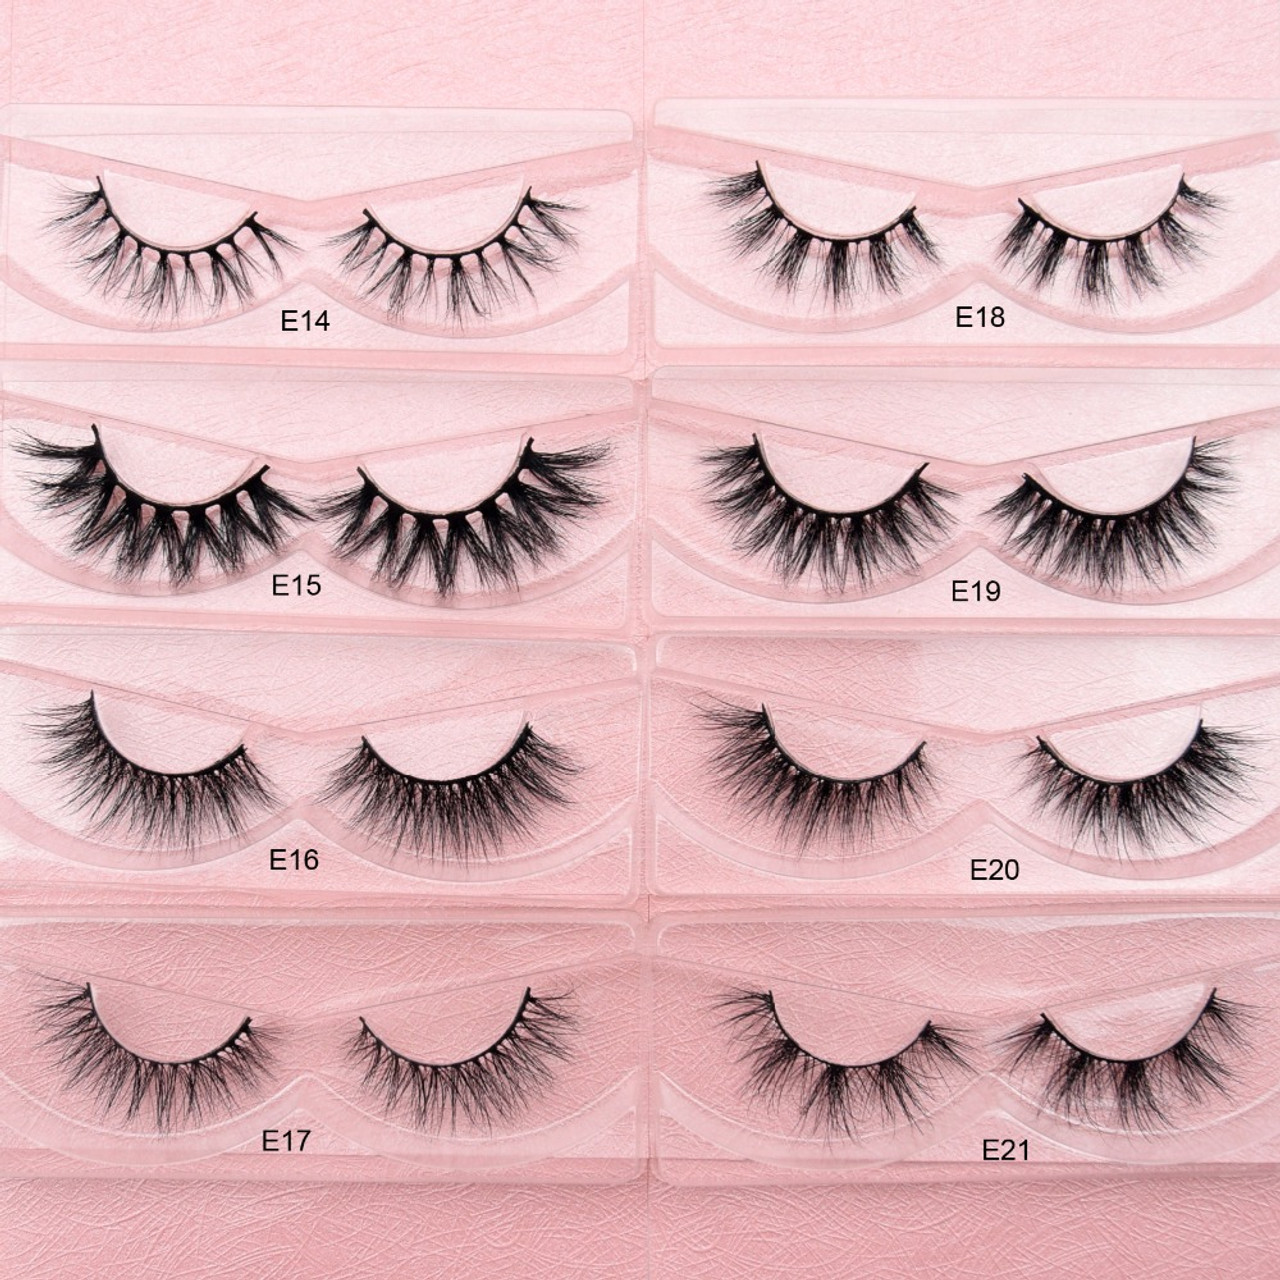 bafe4fde216 ... Visofree Mink Lashes 3D Mink Eyelashes 100% Cruelty free Lashes Handmade  Reusable Natural Eyelashes Popular ...